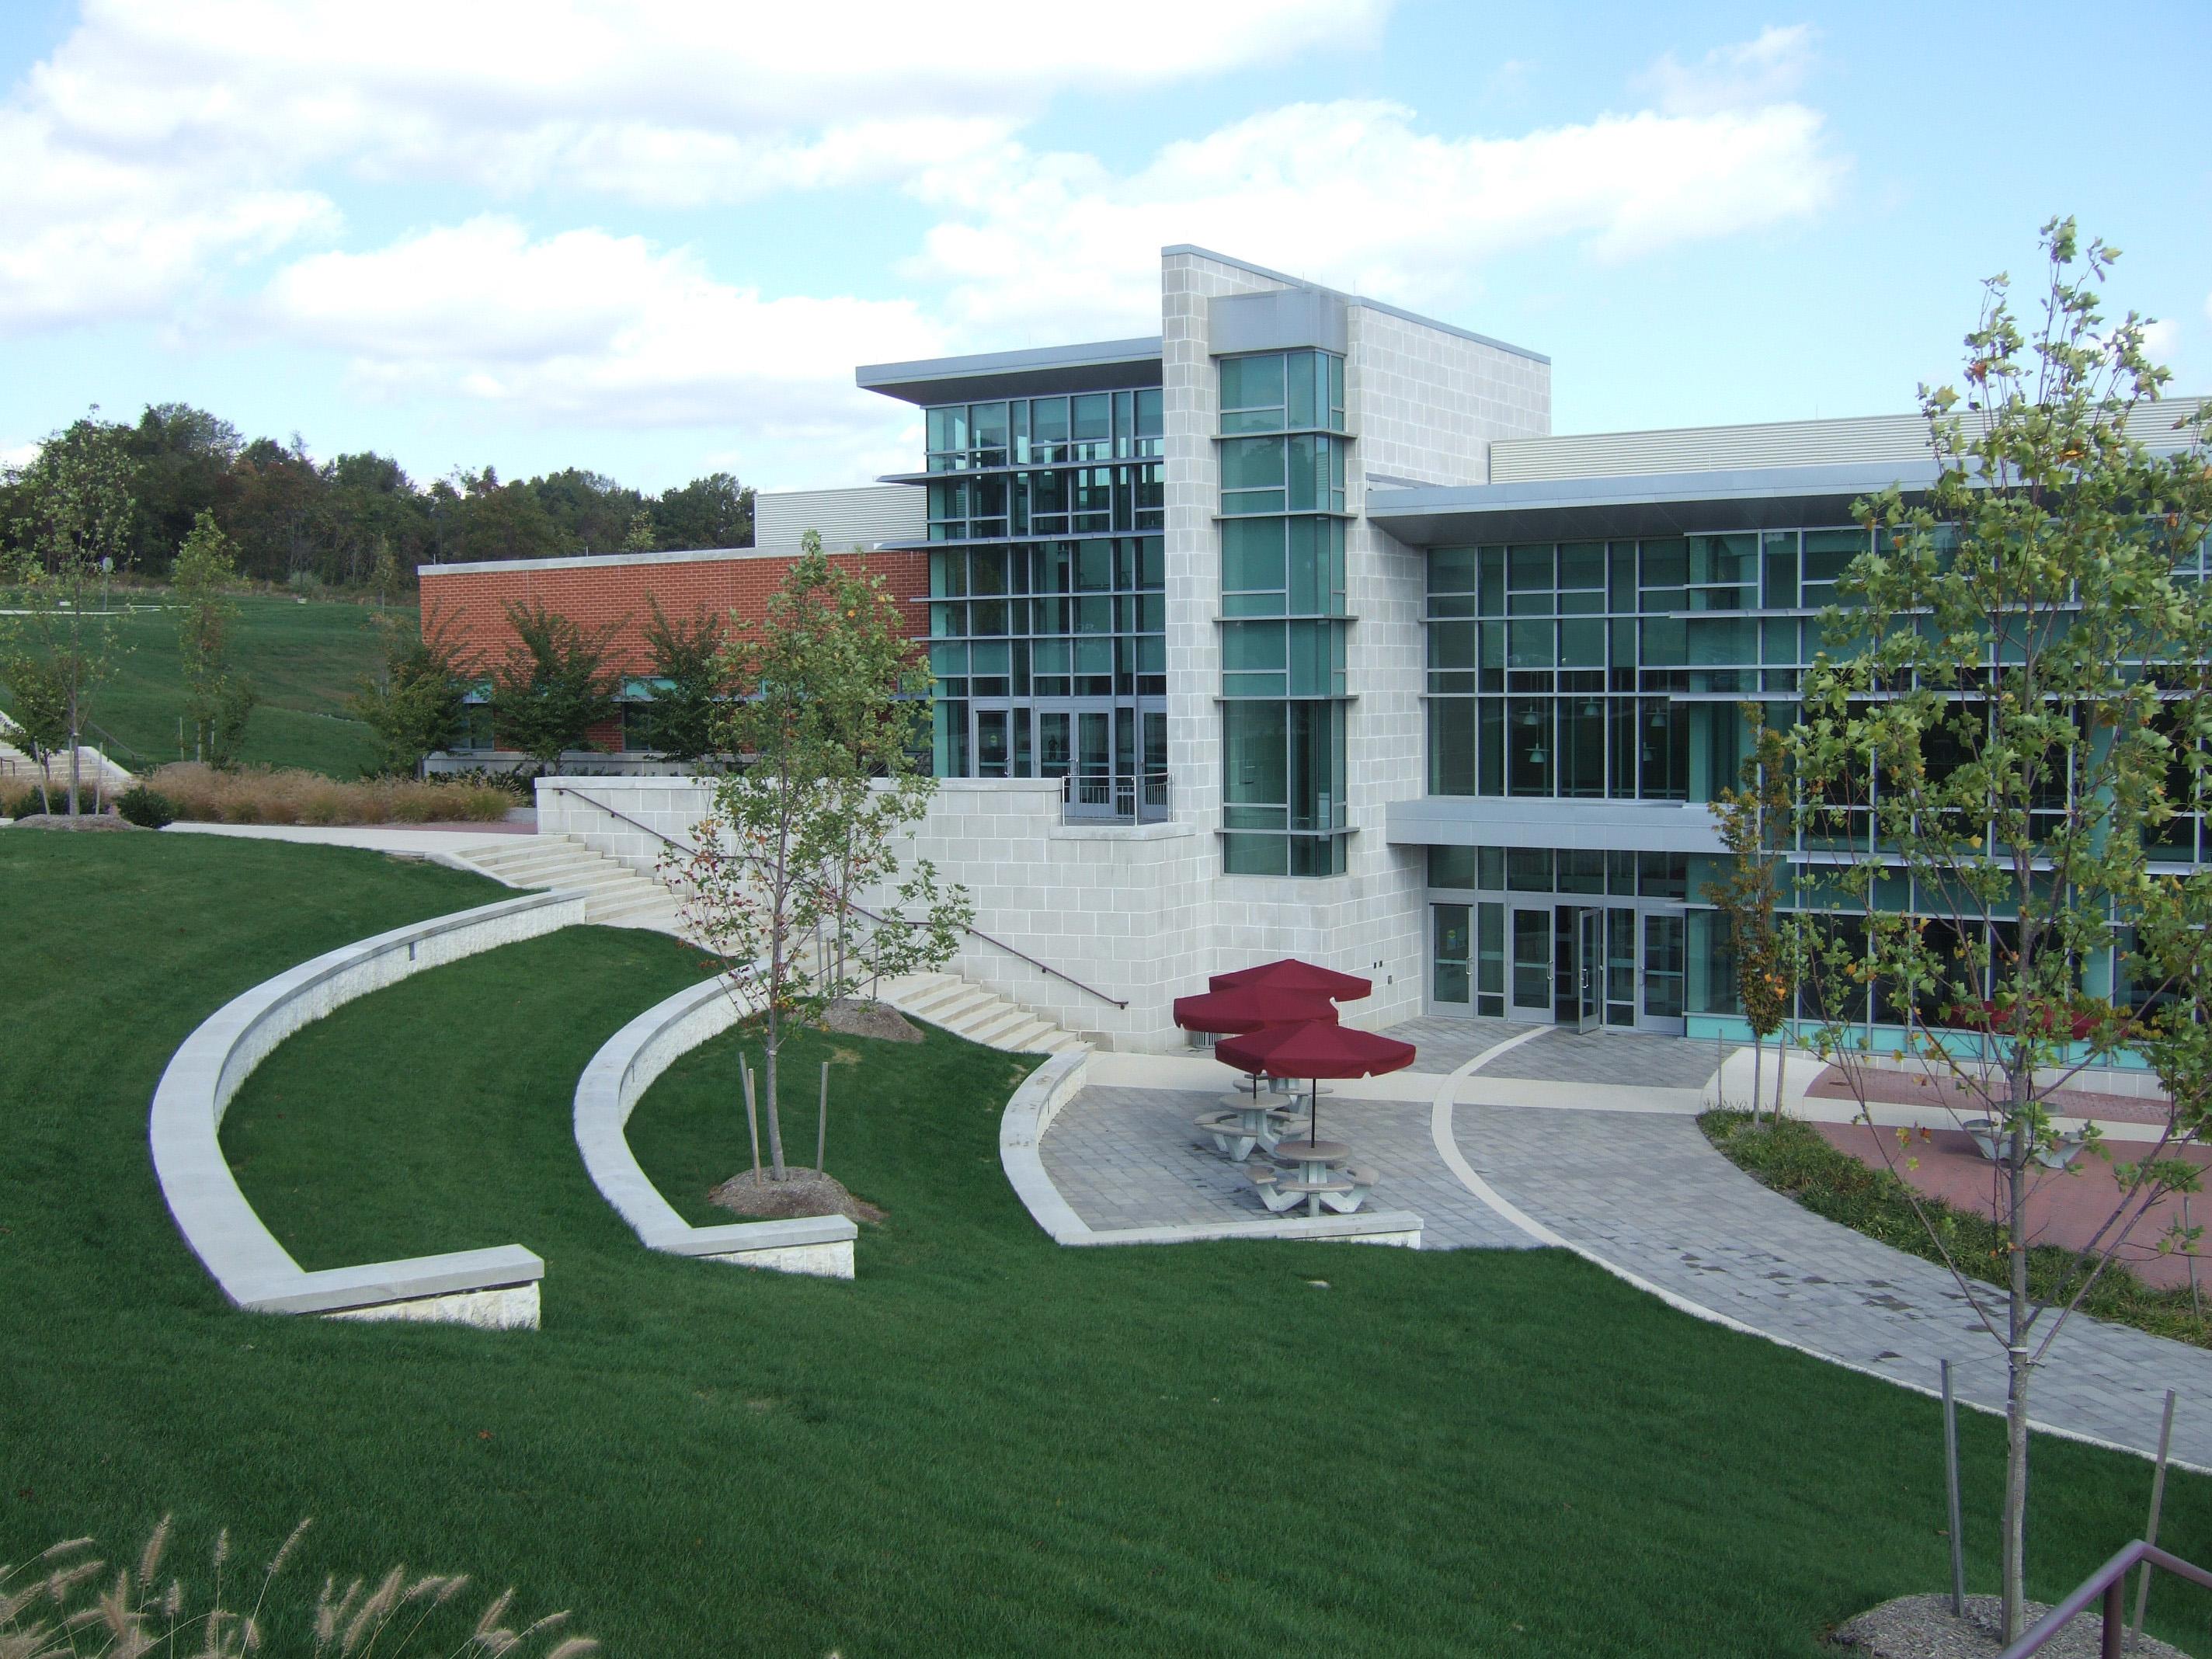 Met Parking Services >> Cecil College Physical Education Building - Derck & Edson